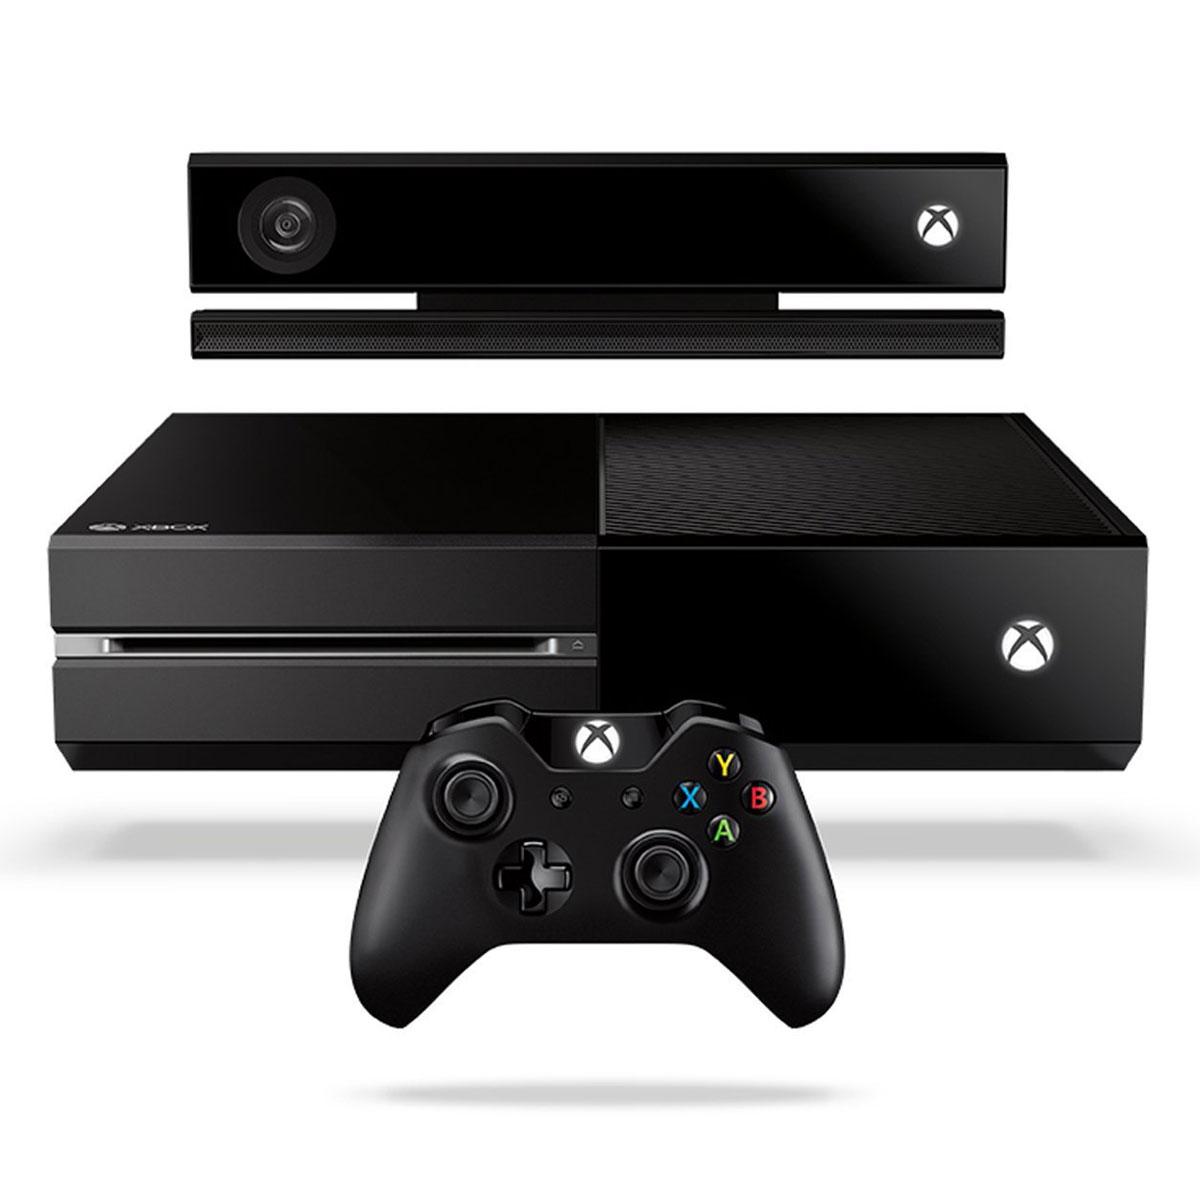 Console Xbox One Microsoft Xbox One + Kinect + FIFA 14 Console de jeux-vidéo nouvelle génération avec disque dur 500 Go + capteur de mouvements + jeu